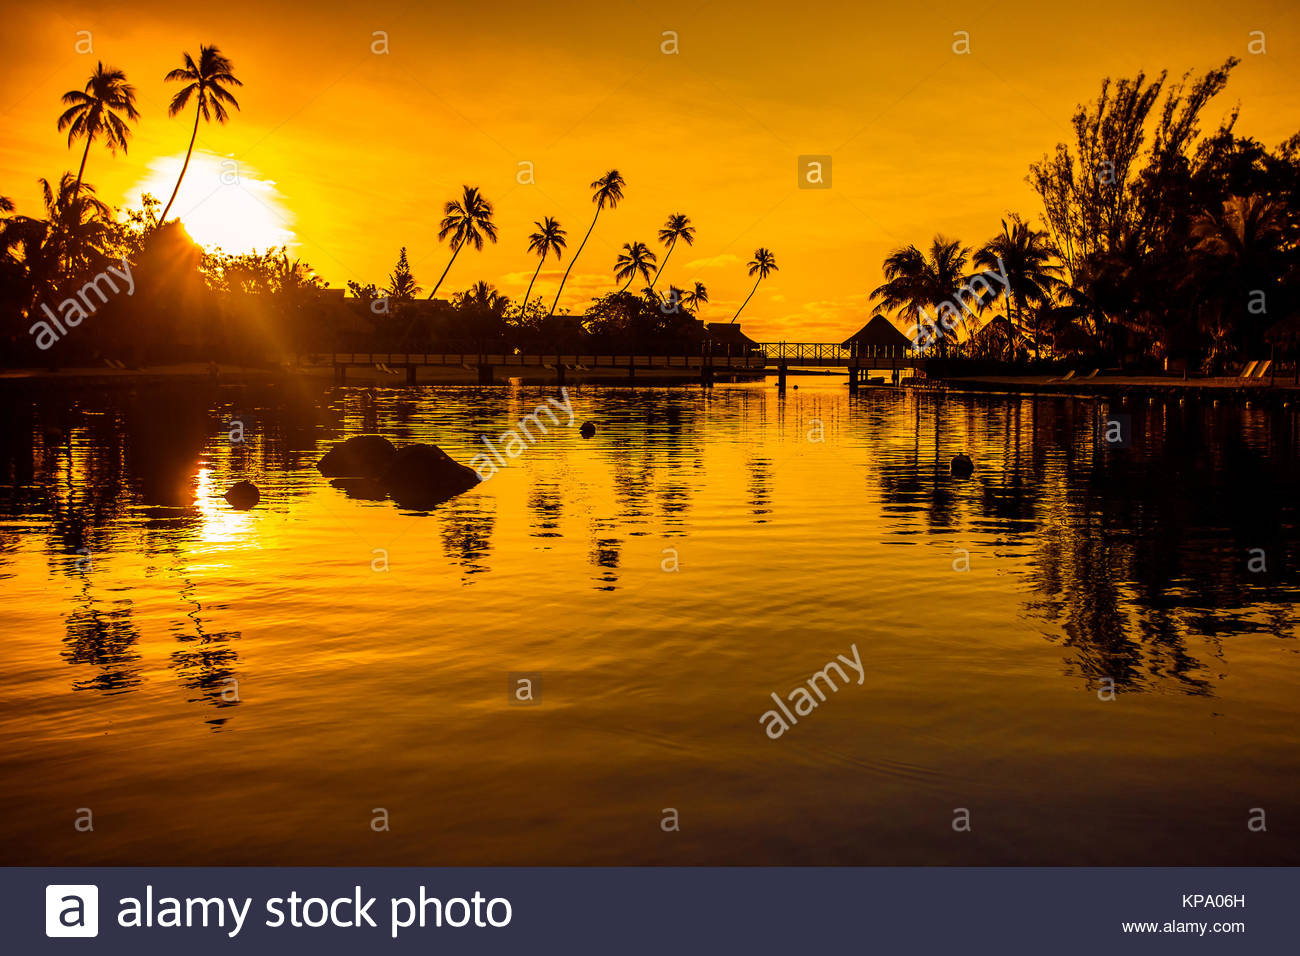 sonnenuntergang in ein tropisches paradies mit palmen stockfoto bild 168635449 alamy. Black Bedroom Furniture Sets. Home Design Ideas